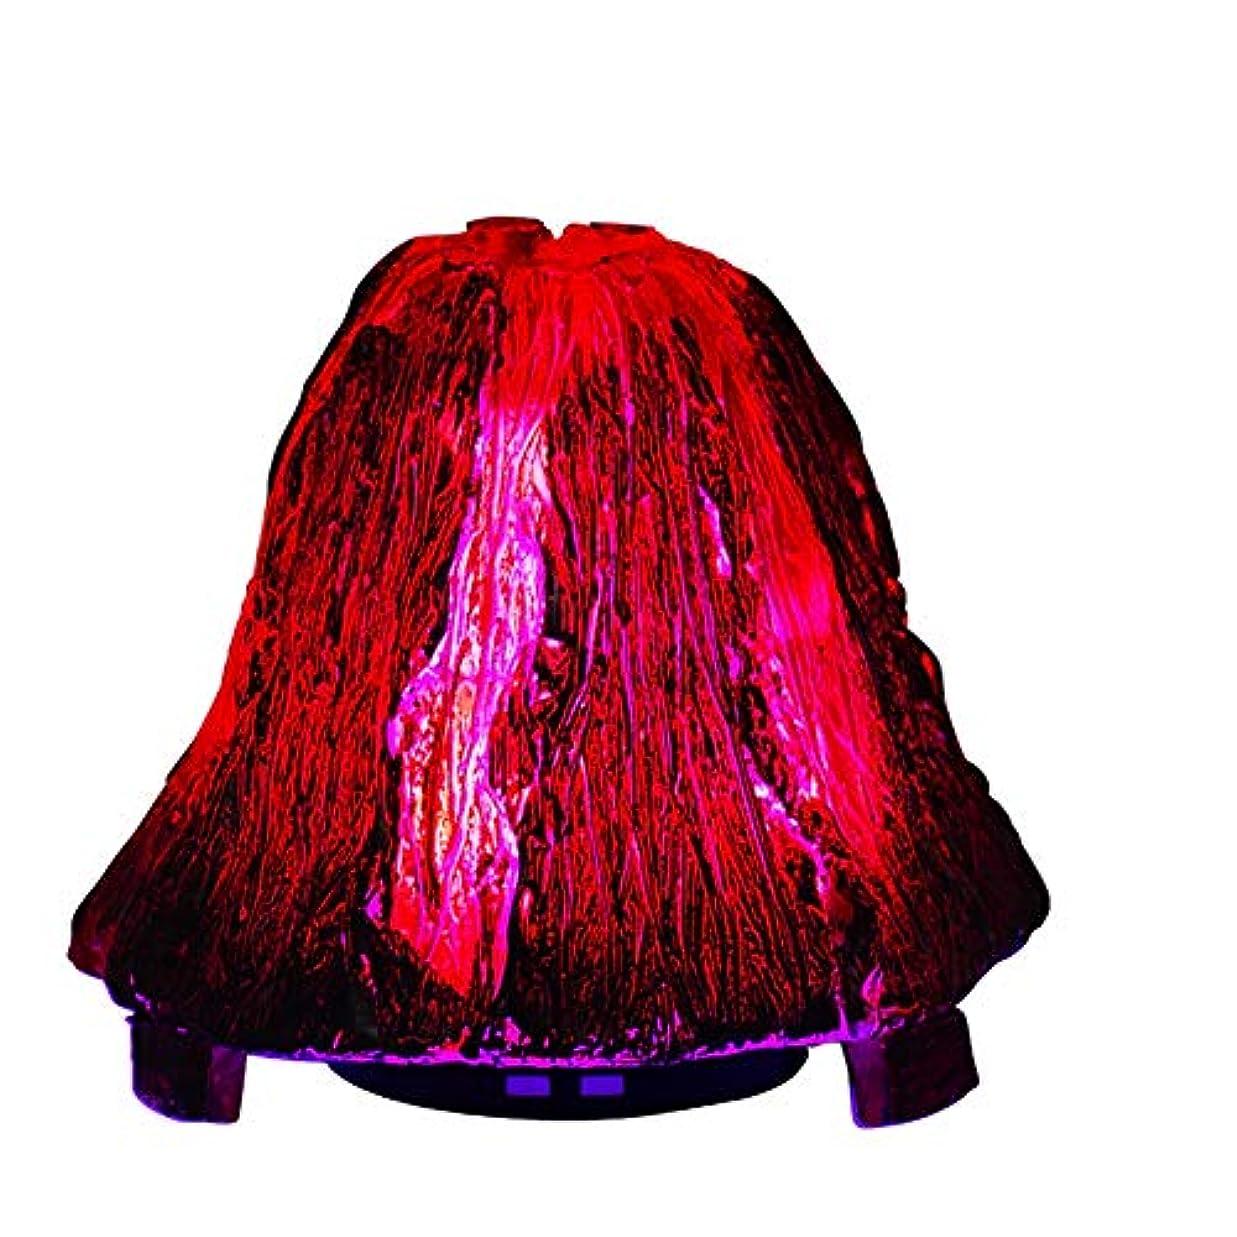 たらい工場六月オリジナリティ火山のエッセンシャルオイルディフューザー、120mlアロマセラピー超音波クールミスト加湿器、7色LEDライト付きウォーターレスオートオフ